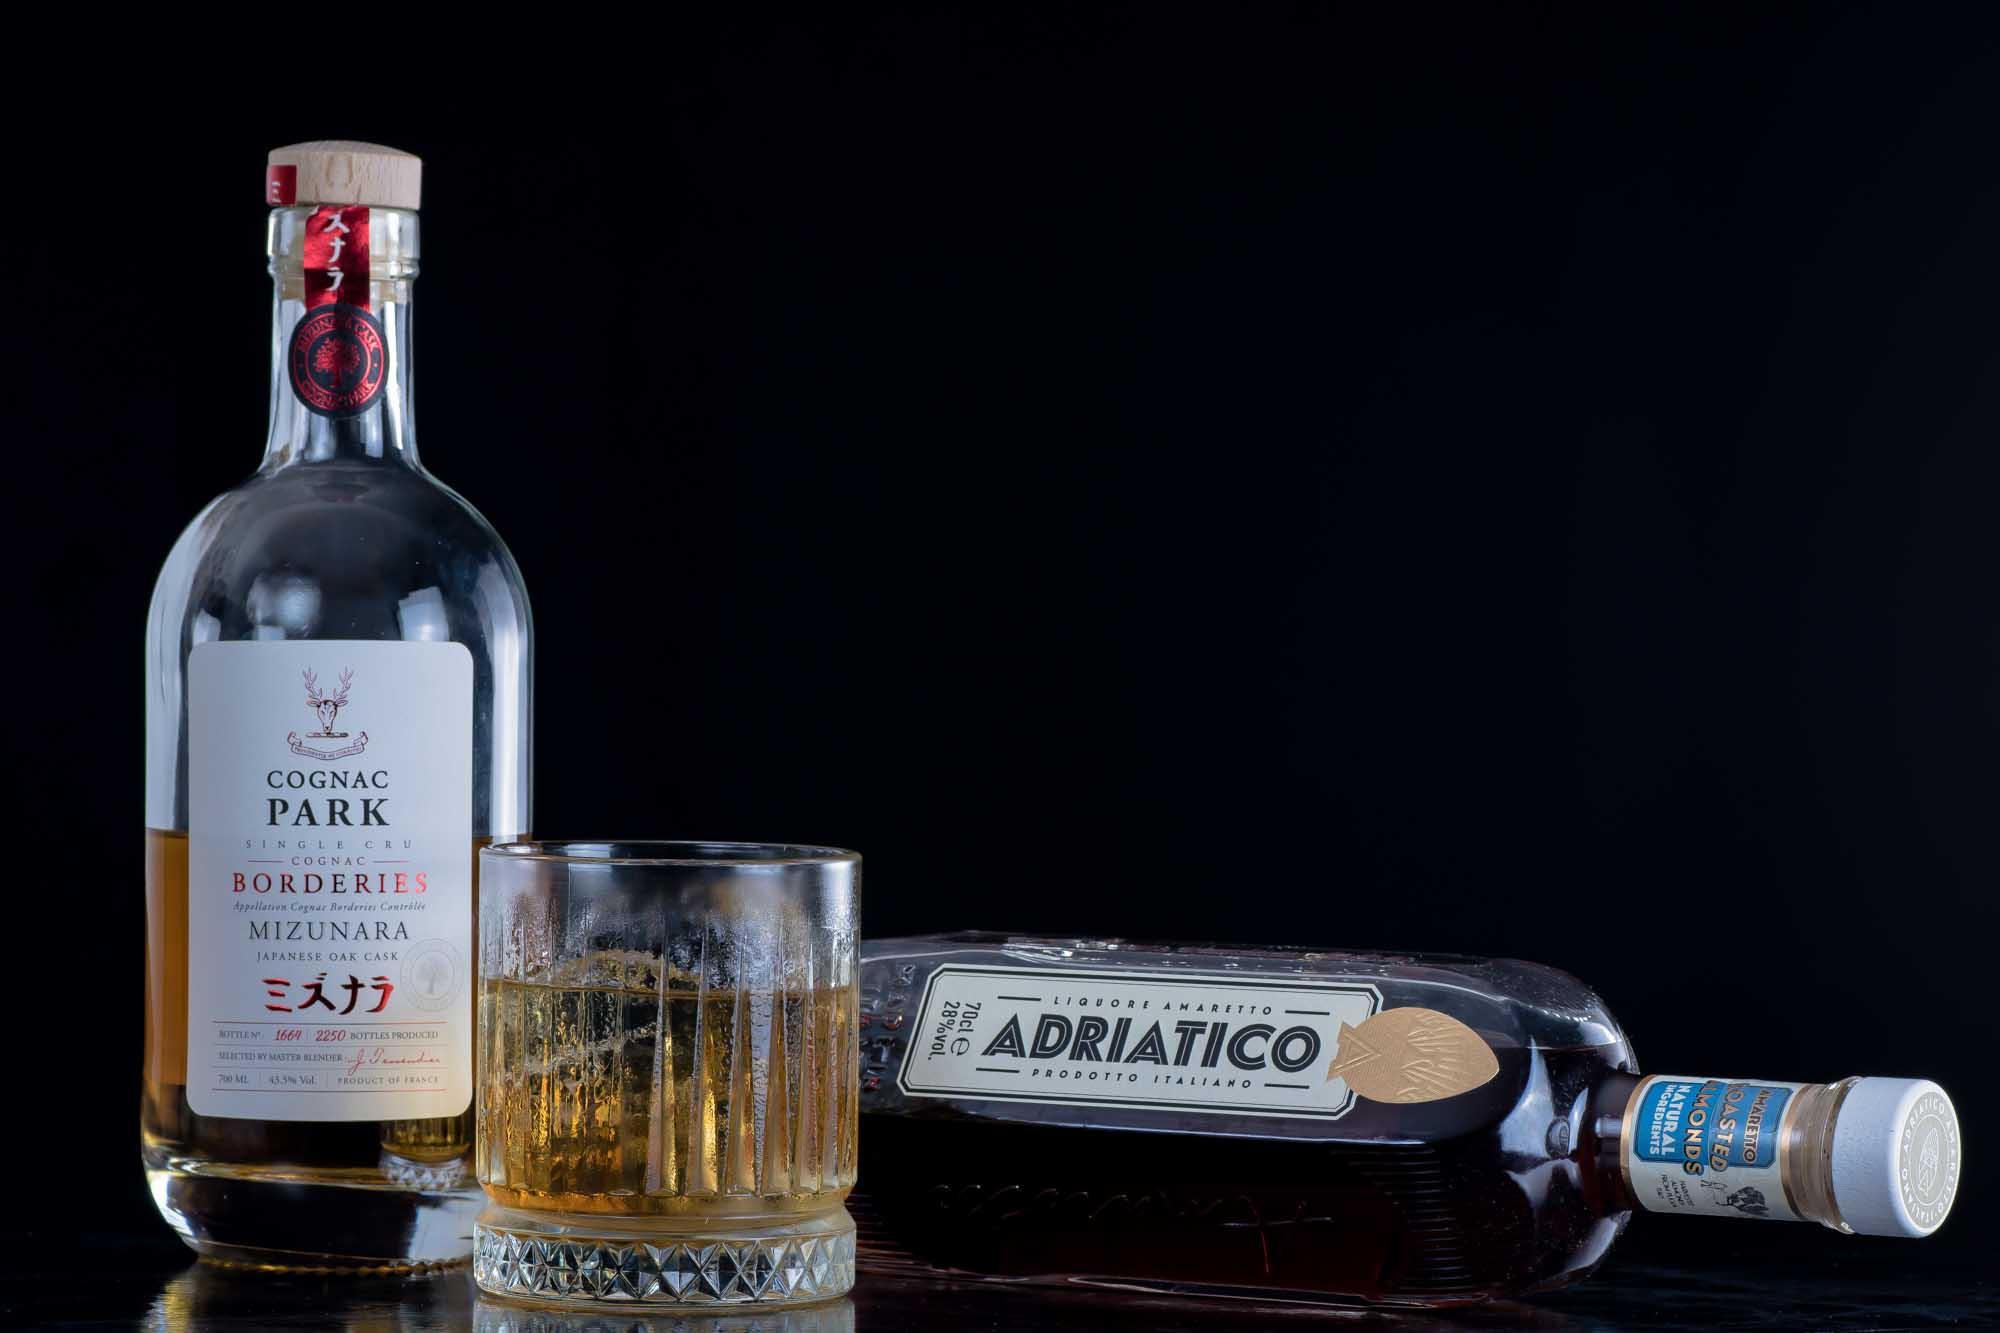 French Connection mit Adriatico Amaretto und Cognac aus dem Mizunara Cask.